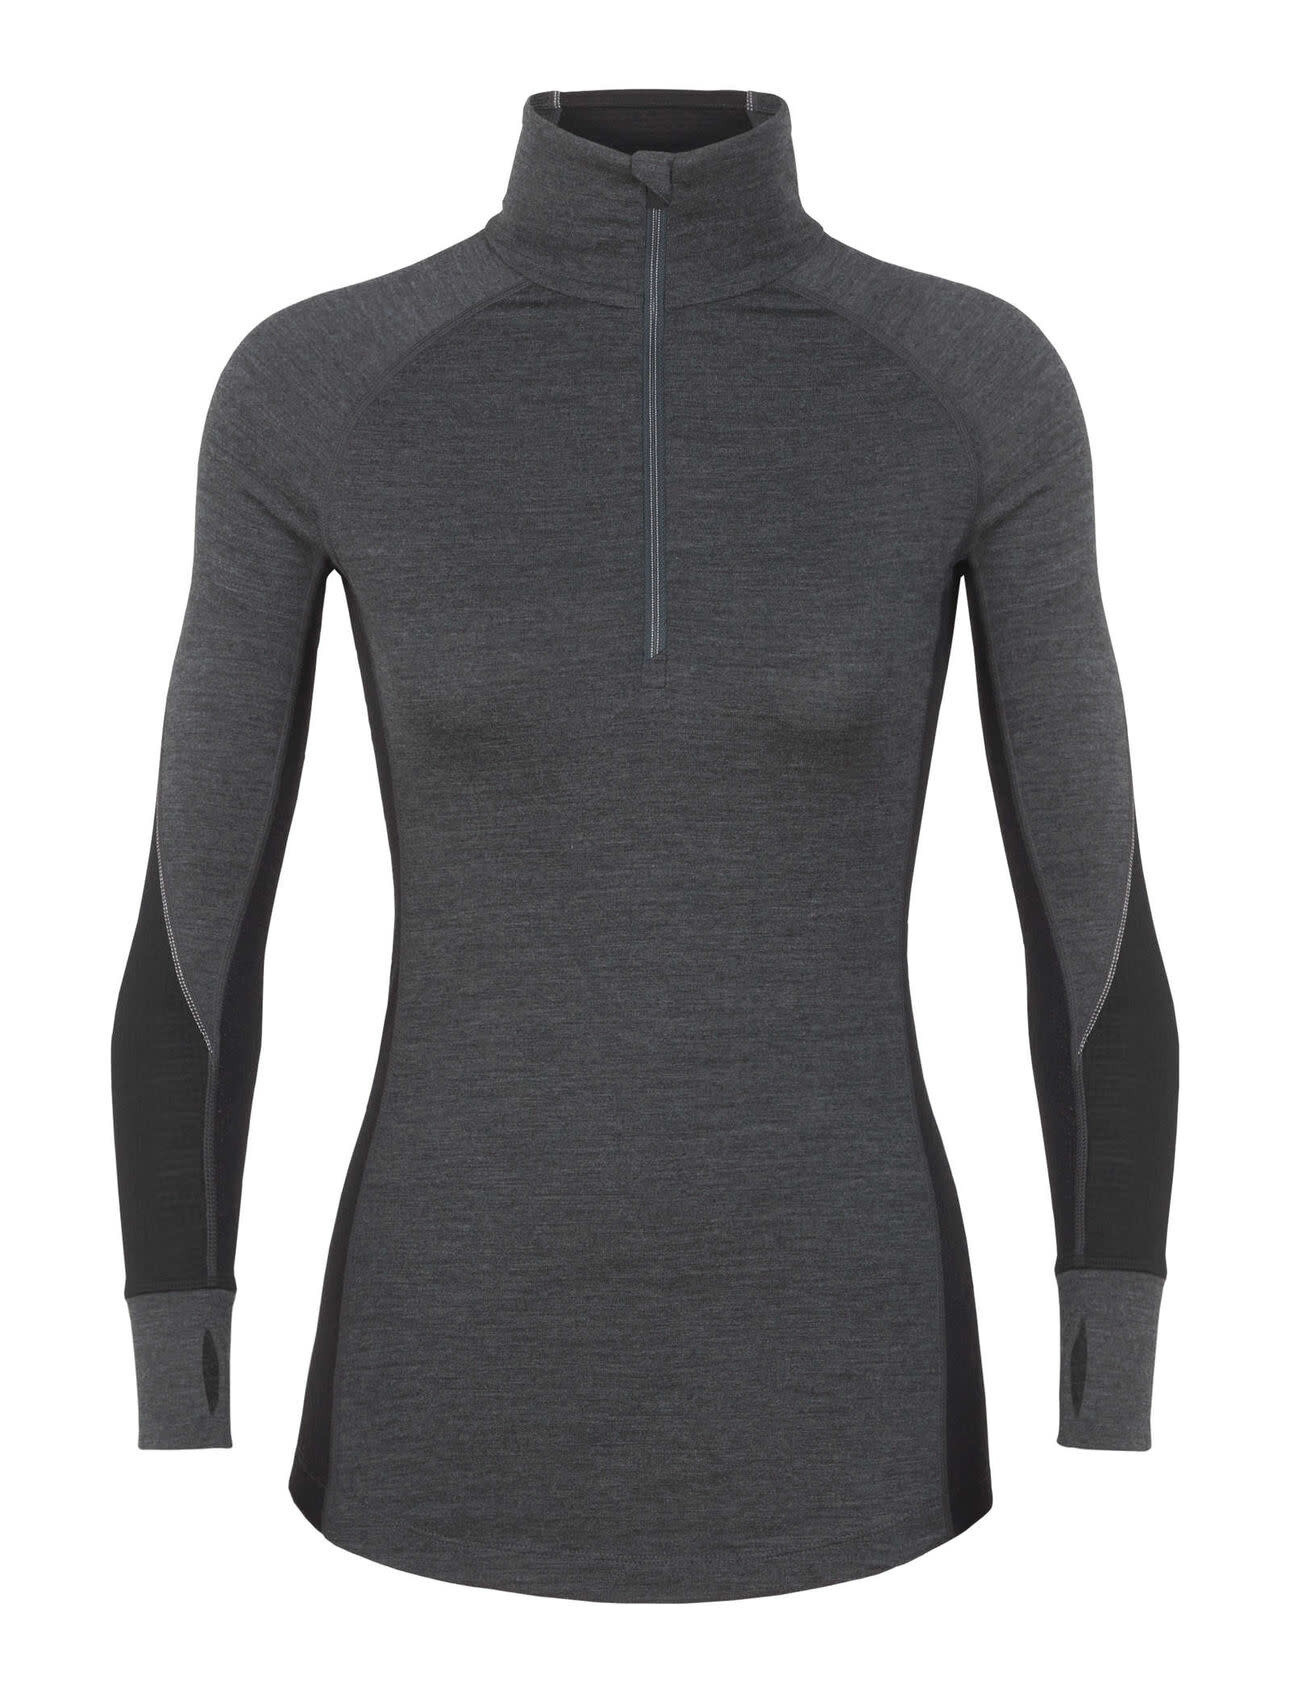 Women's 260 BodyFitZone Long Sleeve Half Zip-2